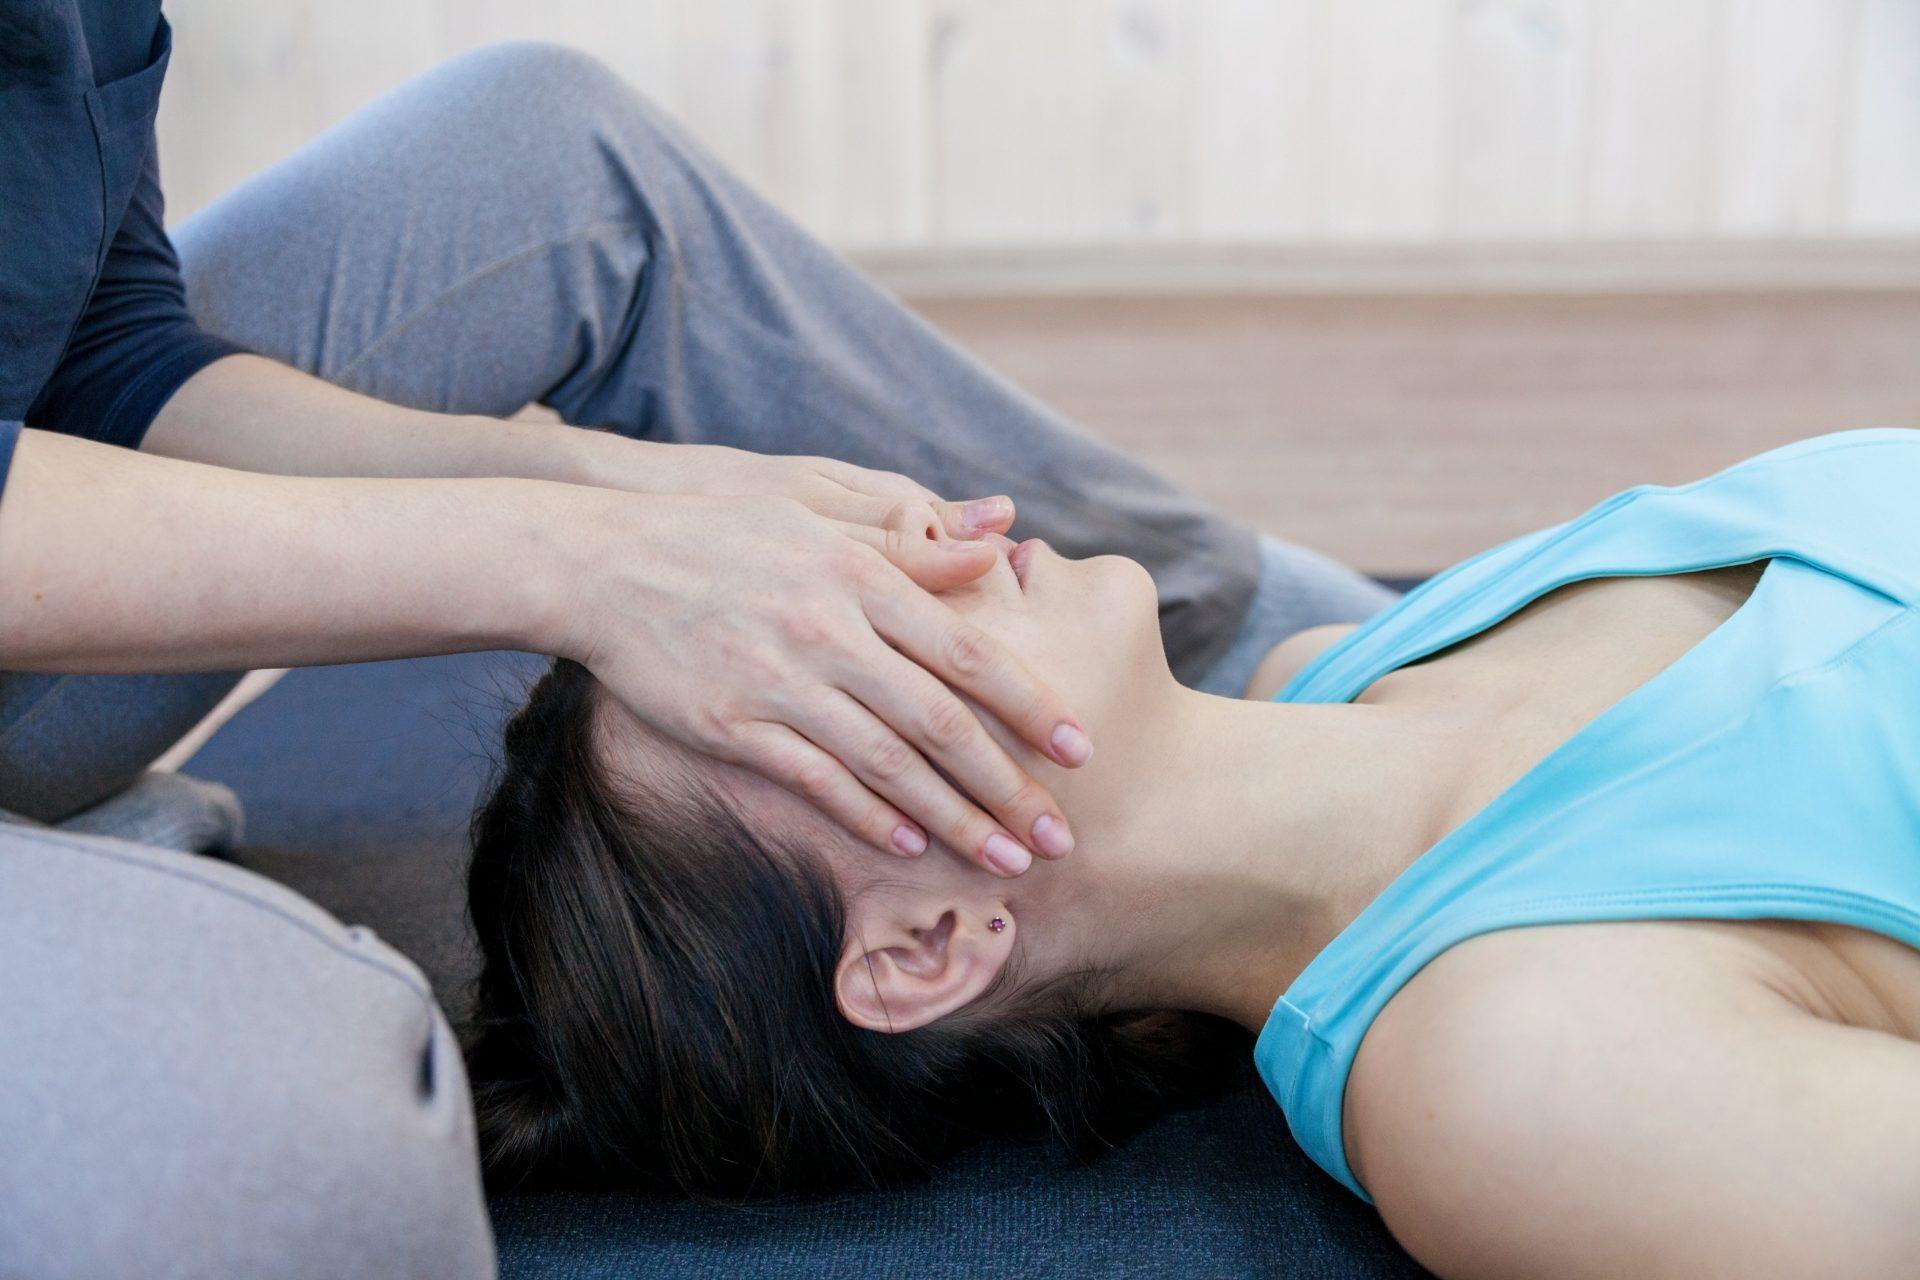 פסיכותרפיה גופנית. (Shutterstock) צילום: Photo_mts